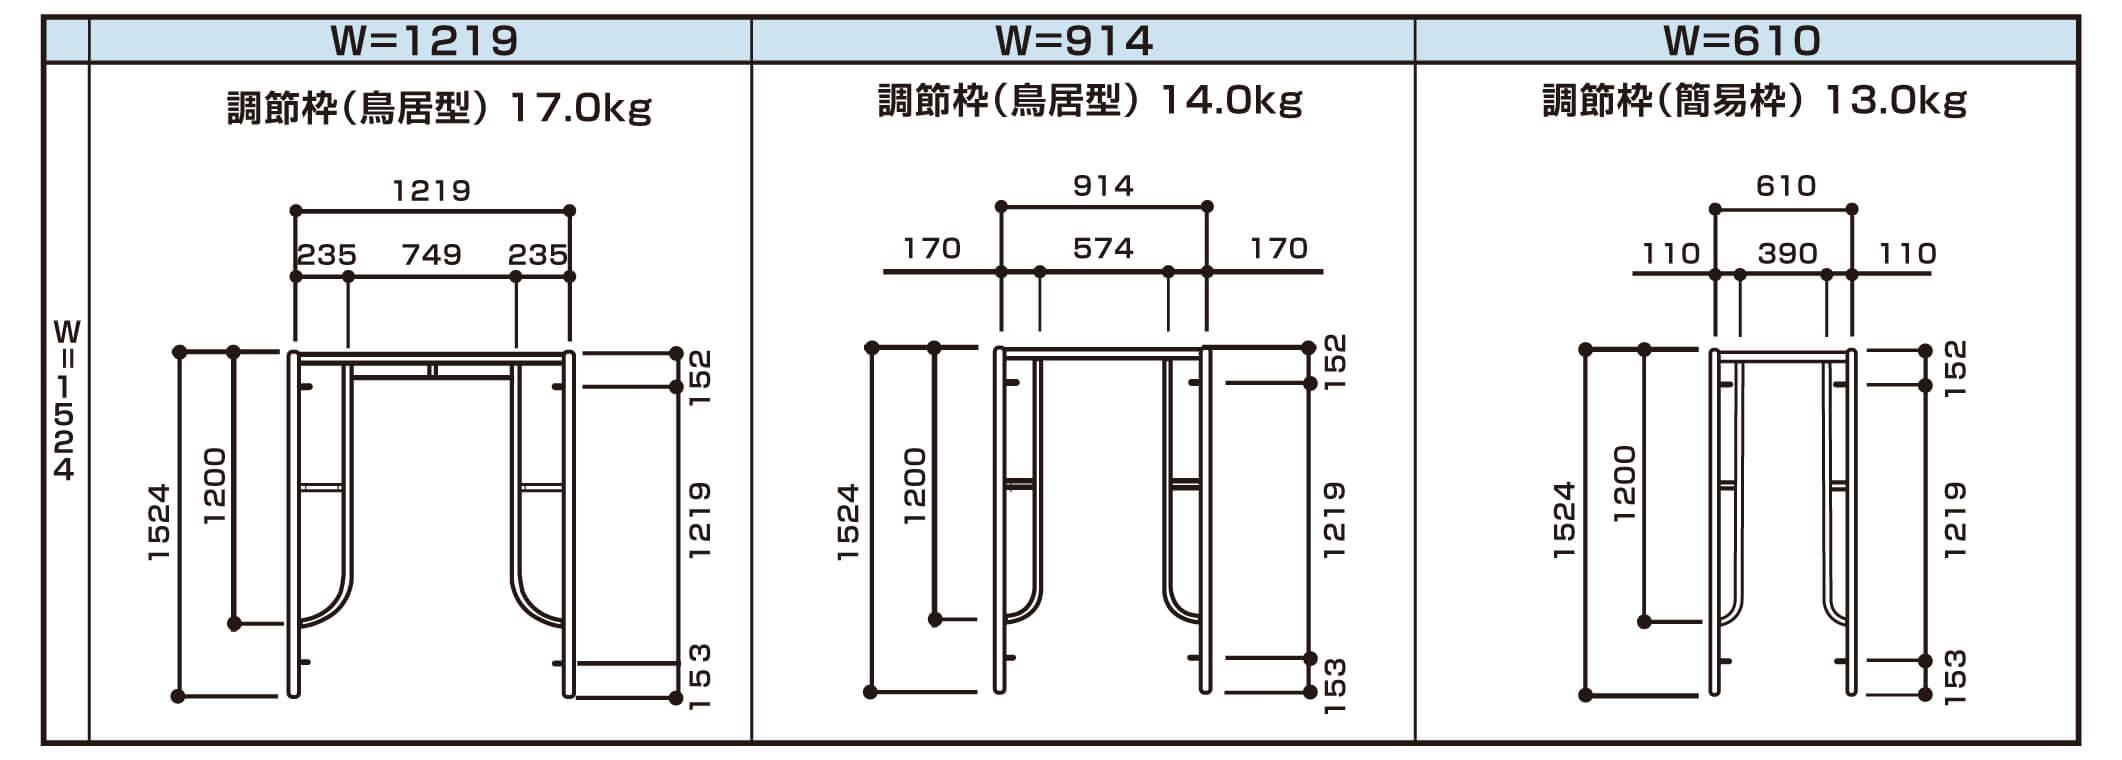 調節枠商品規格画像